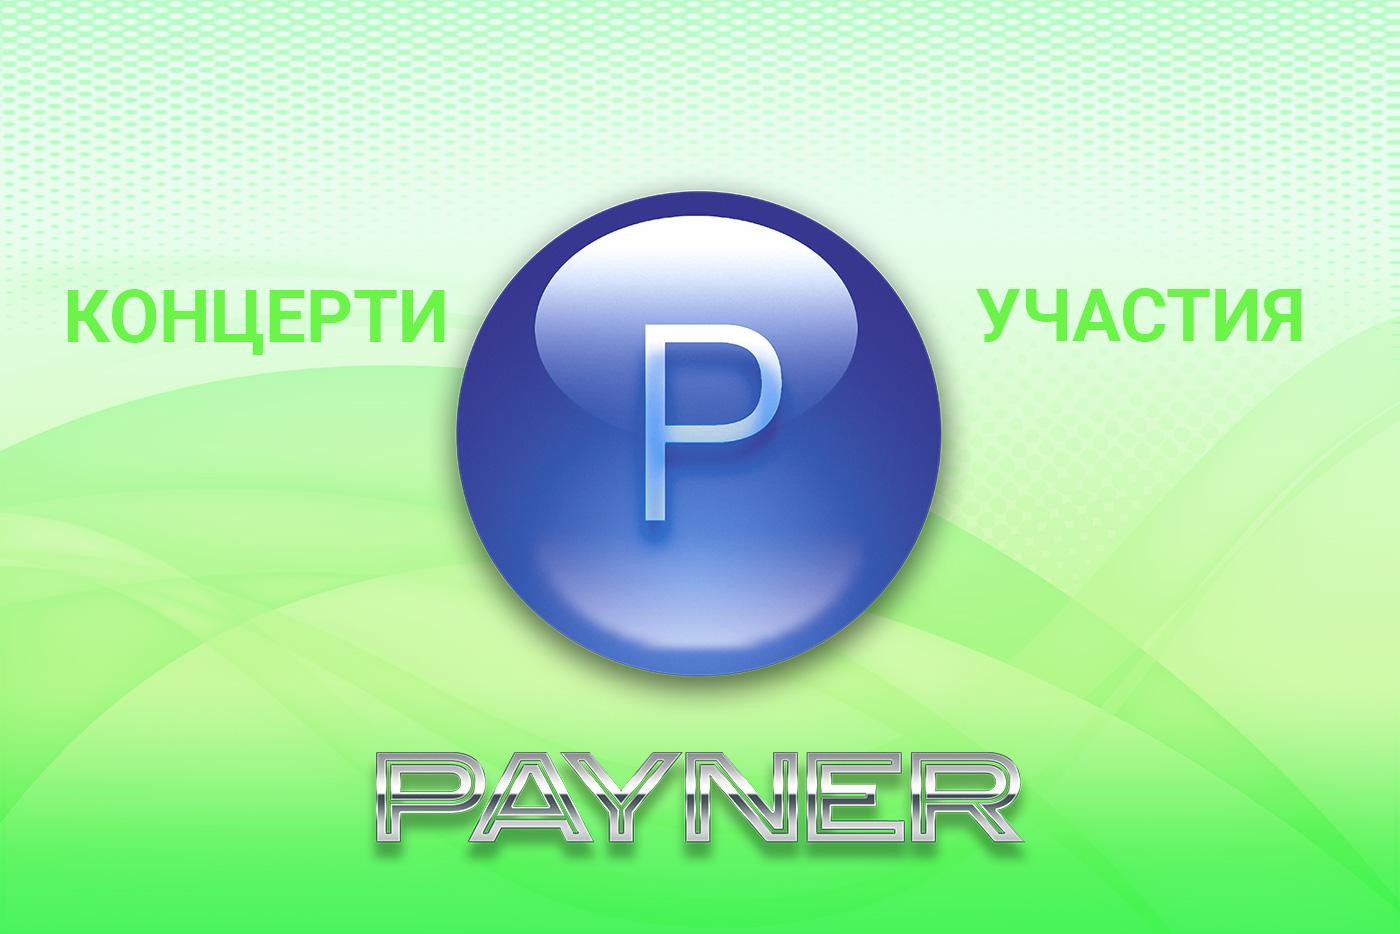 """Участия на звездите на """"Пайнер"""" на 10.01.2019"""